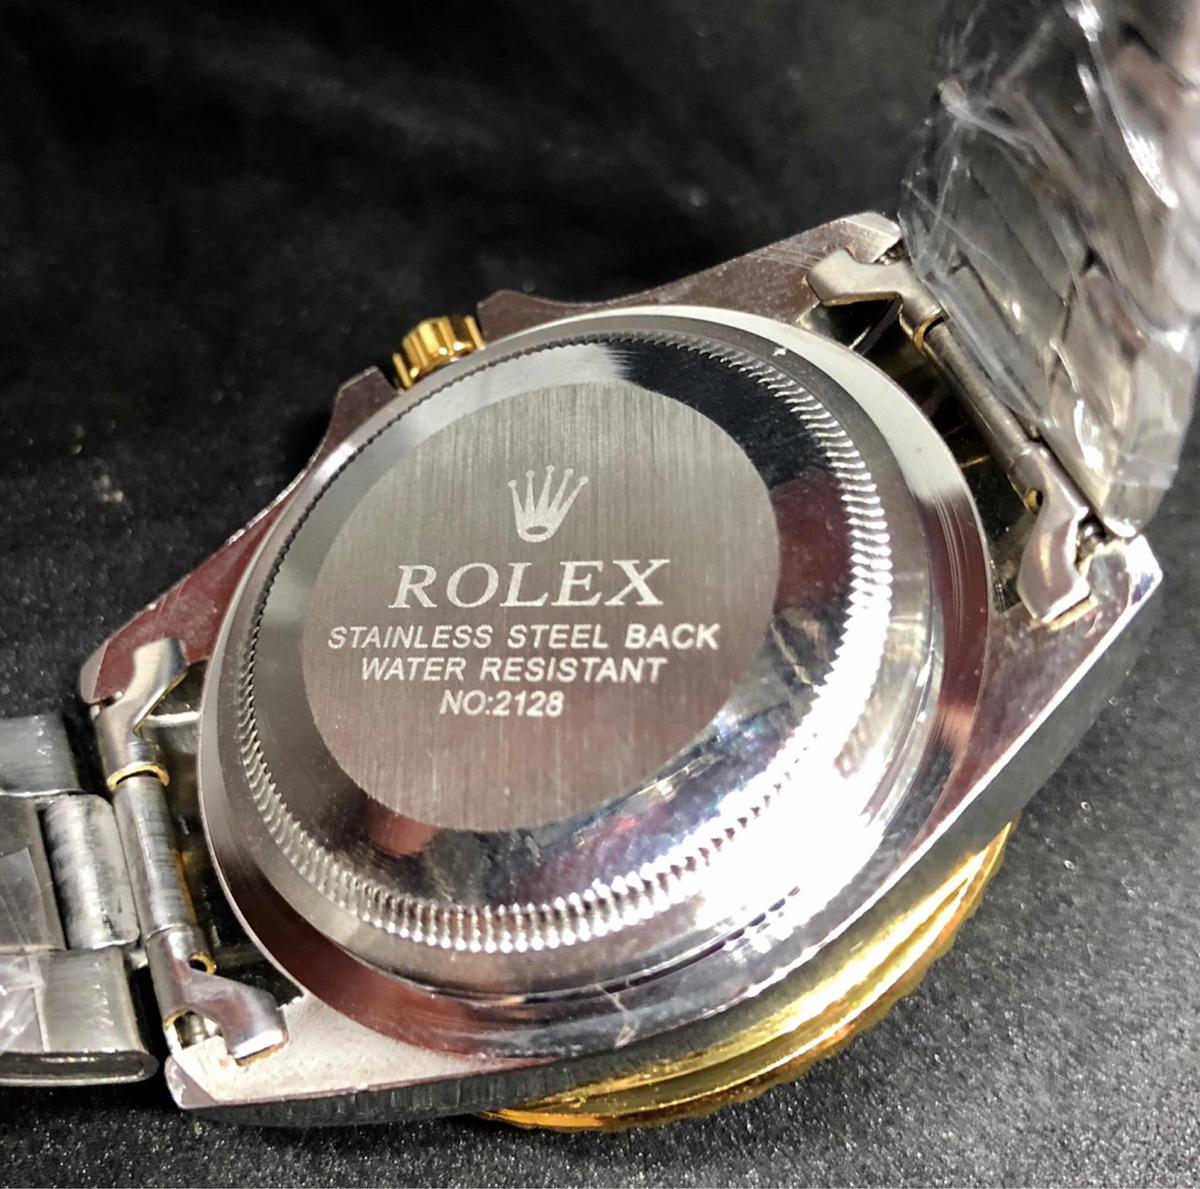 9c405983c7e relógio rolex submariner 38mm novo. Carregando zoom.